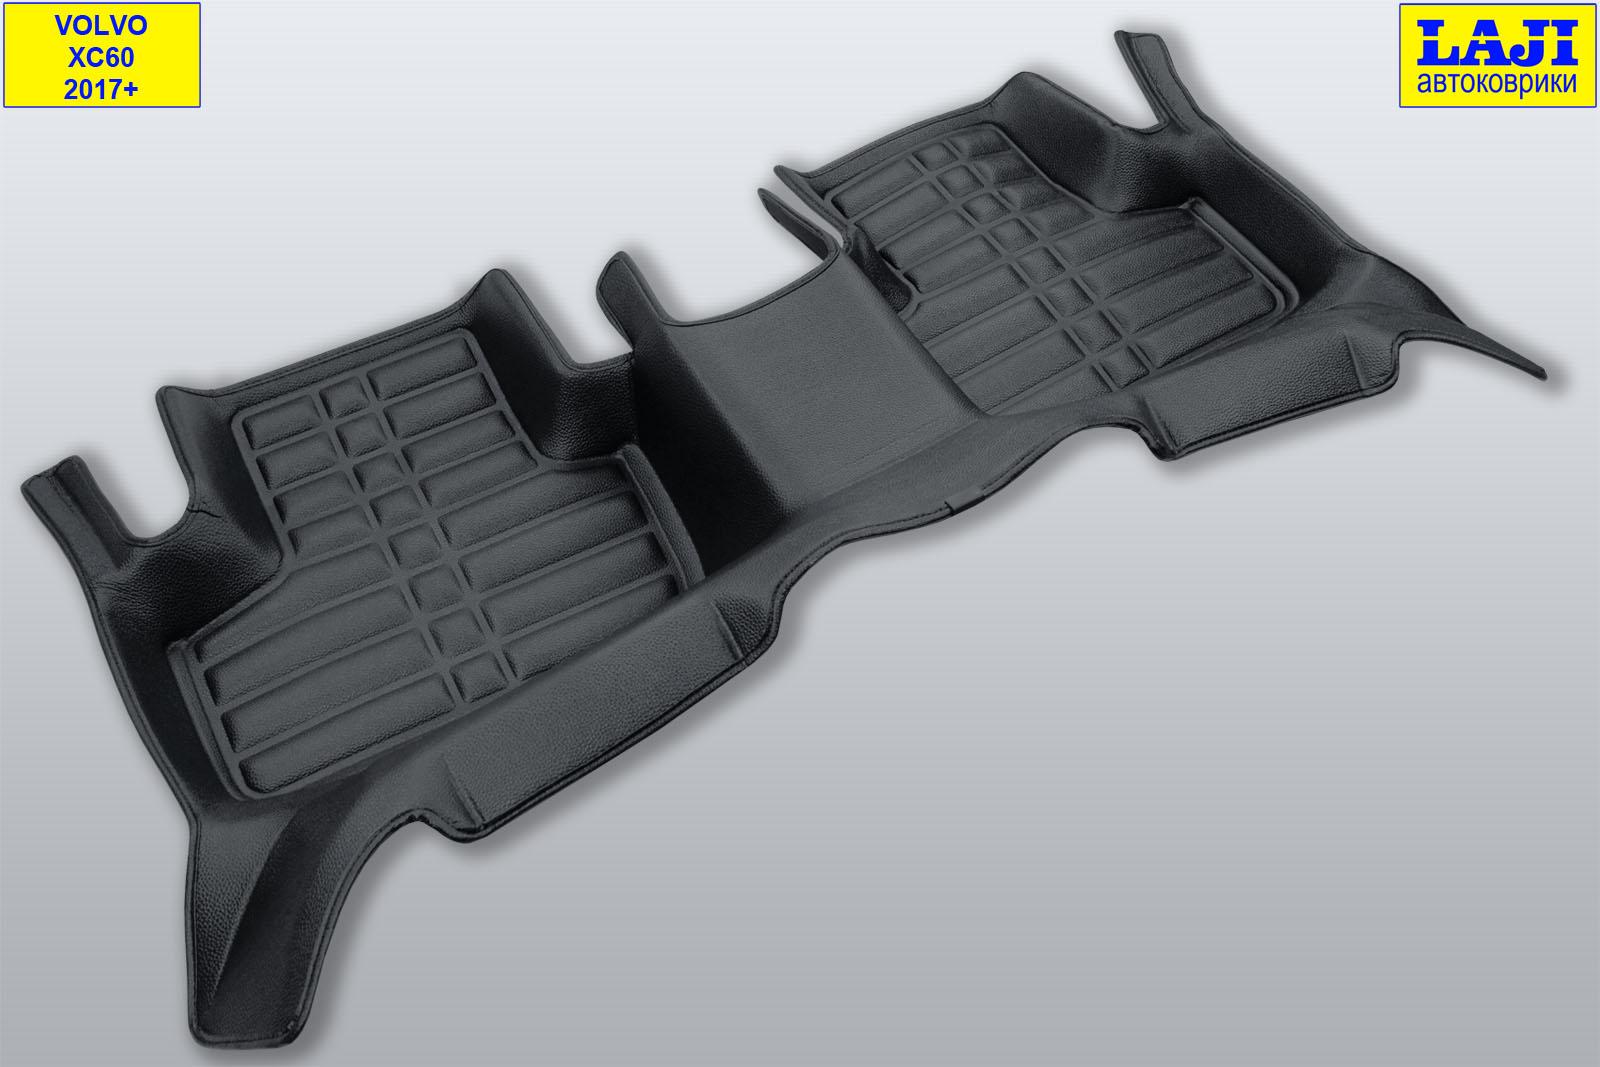 5D коврики в салон Volvo XC60 II 2017-н.в. 9